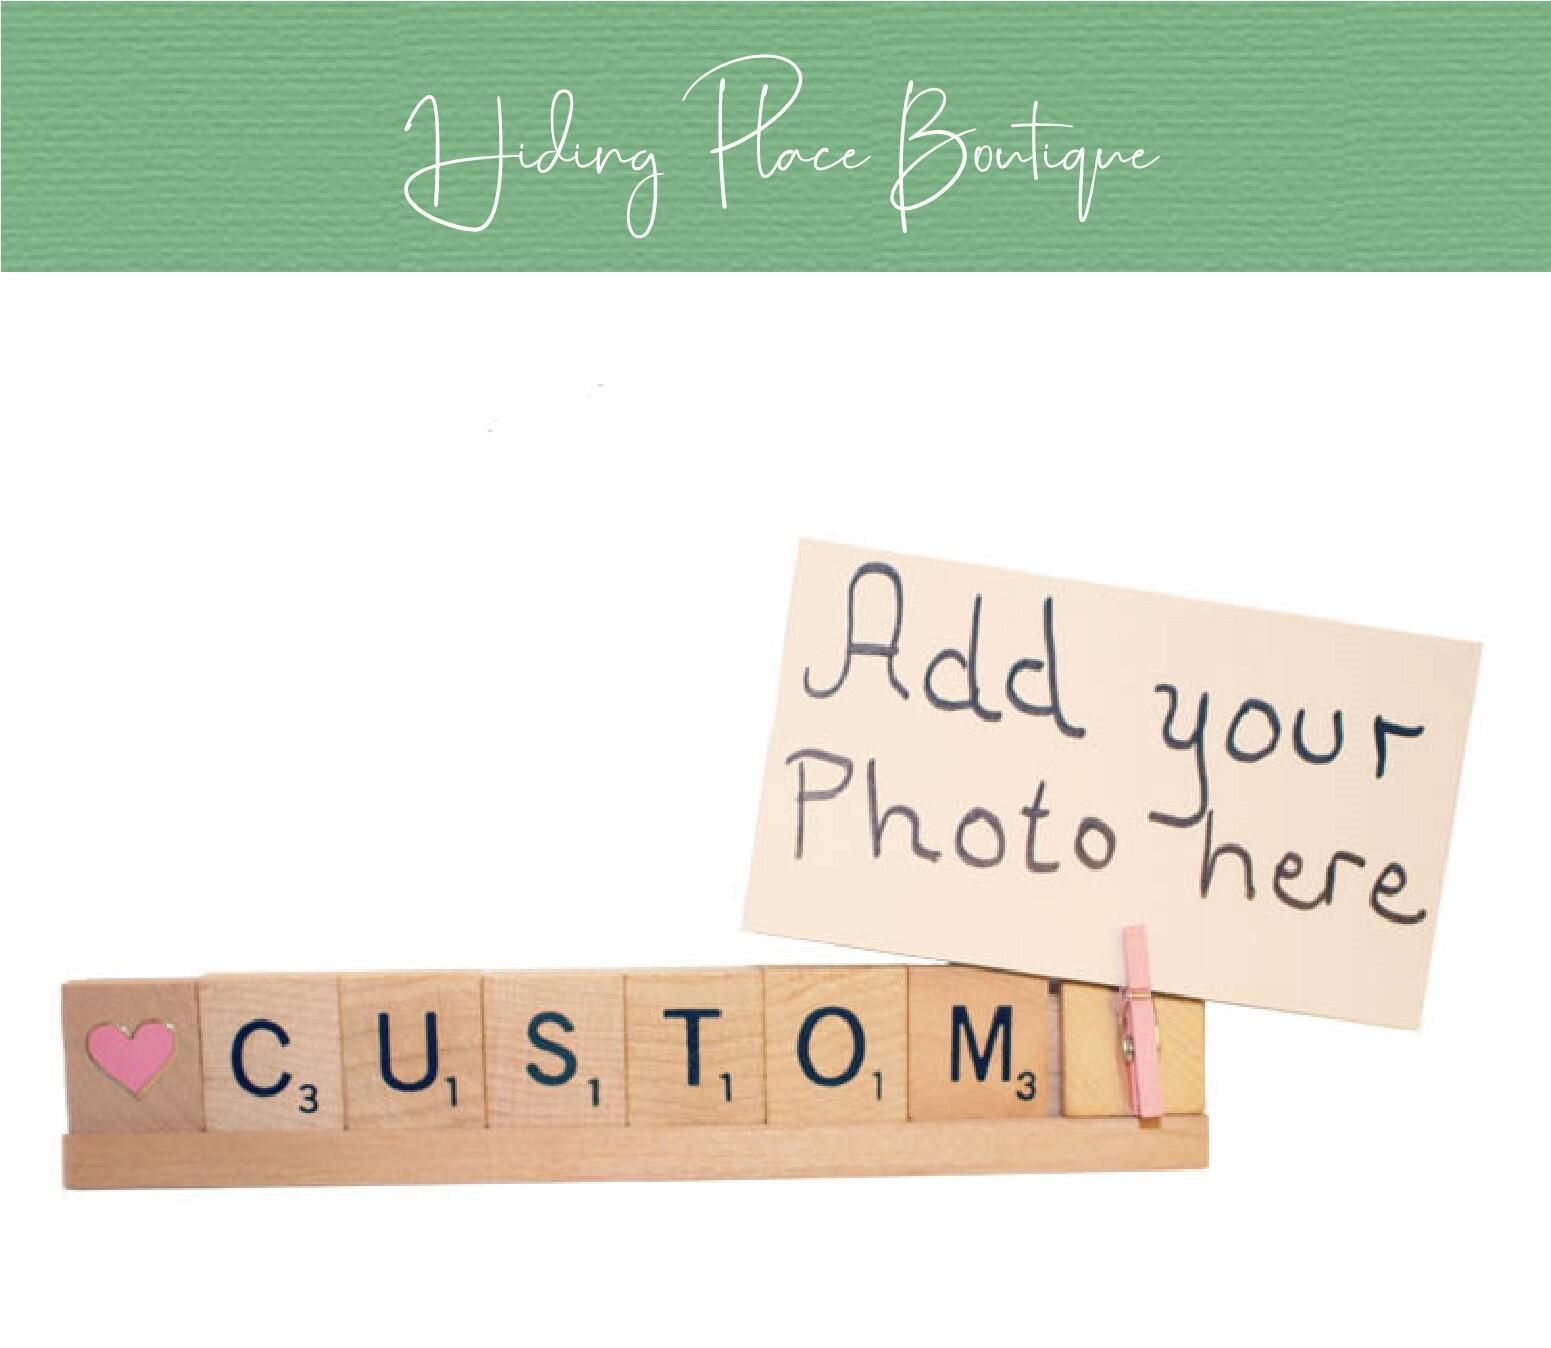 custom scrabble photo frame